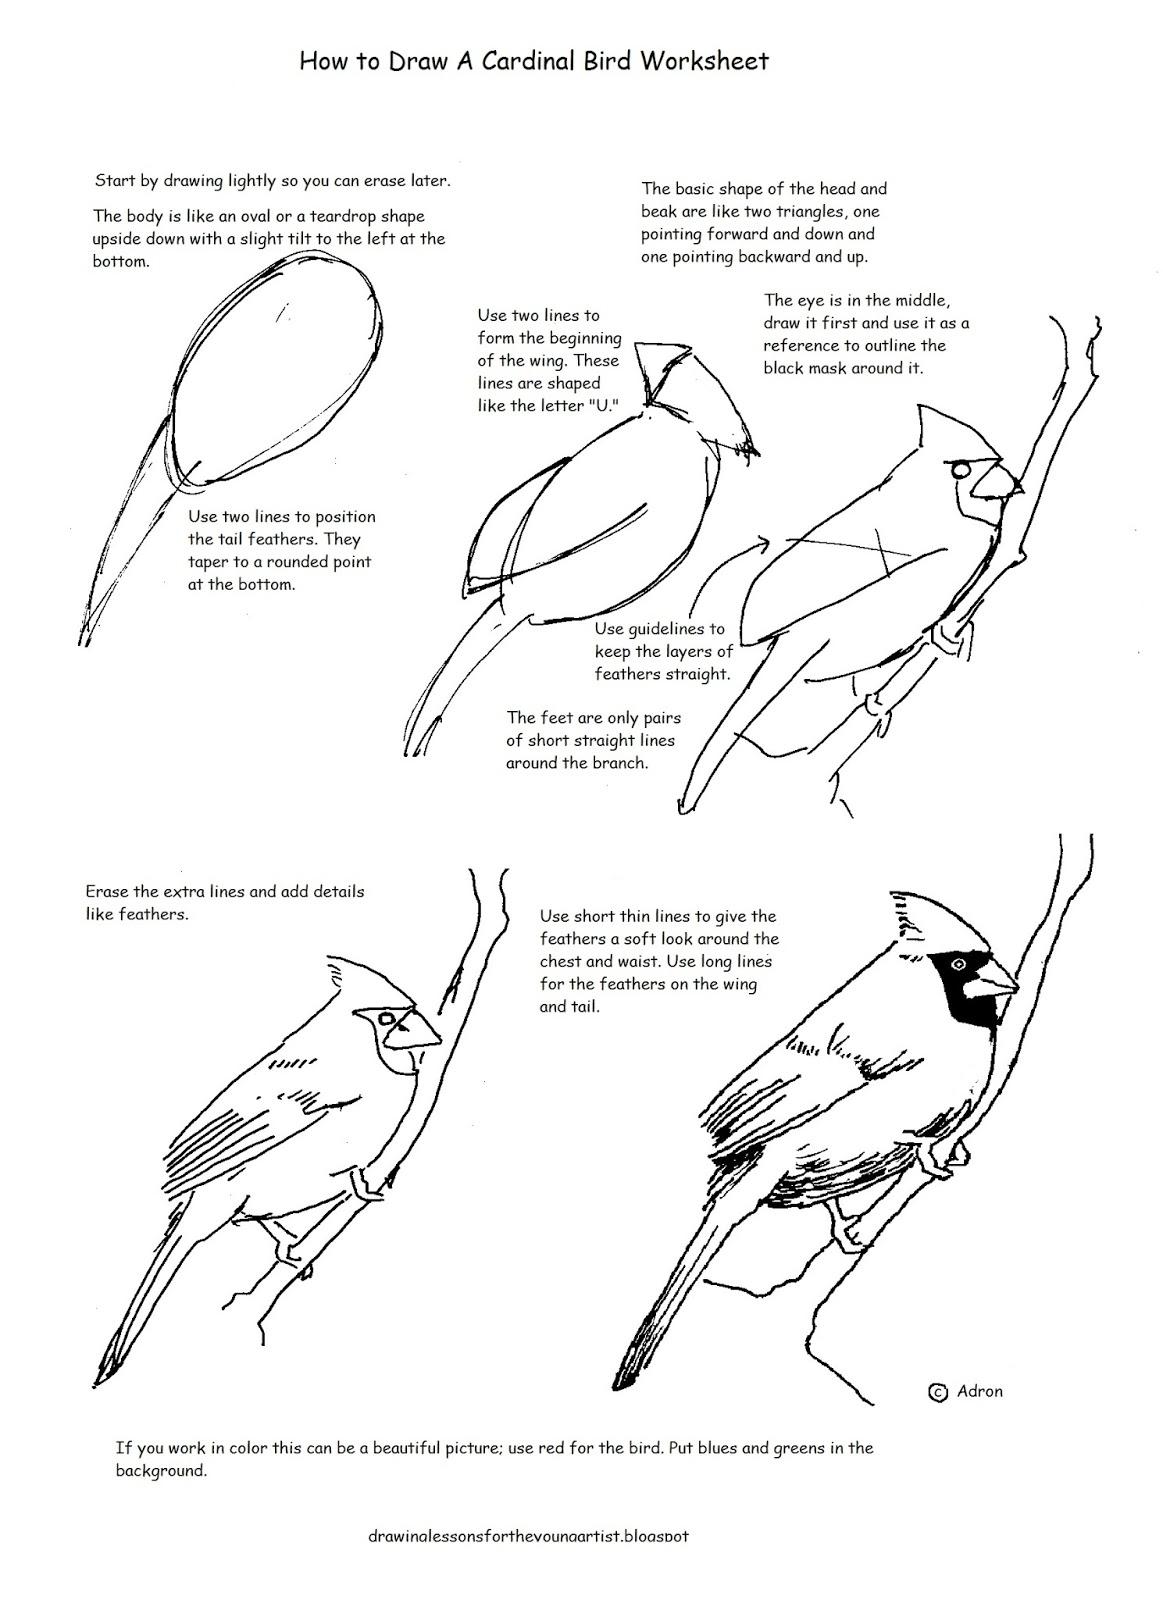 How To Draw A Cardinal Bird Worksheet